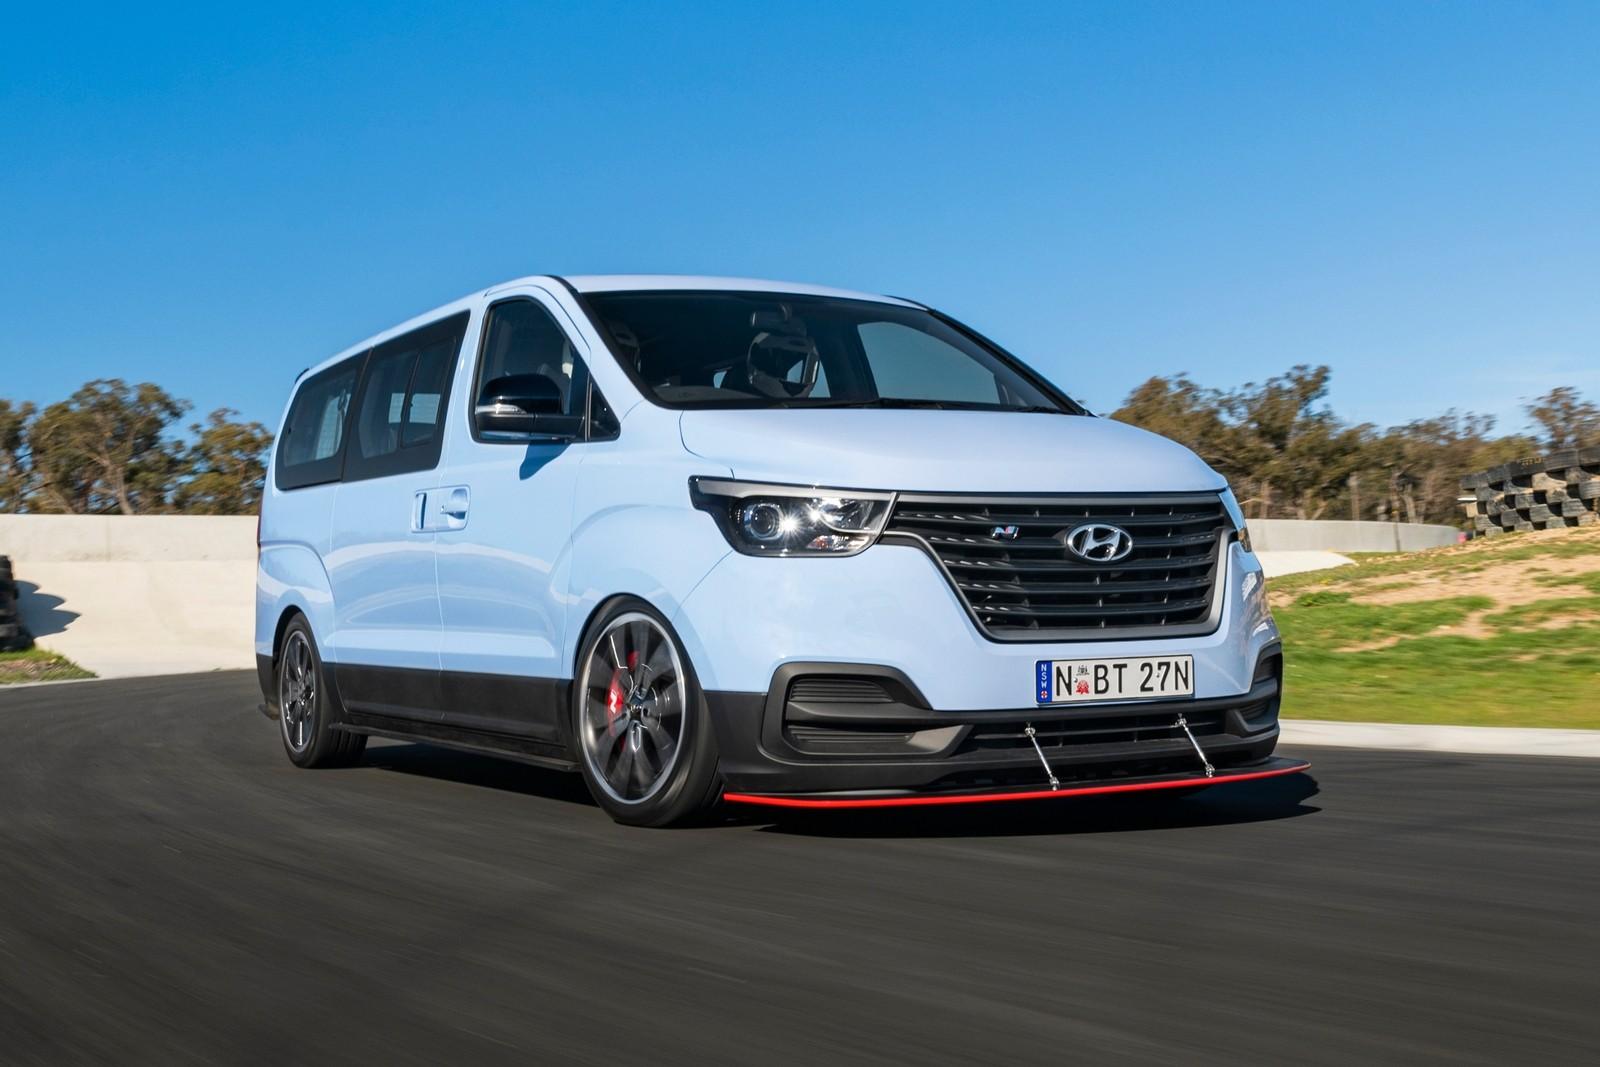 Hyundai хулиганит: минивэн H-1 превратили в мощный 8-местный дрифт-кар